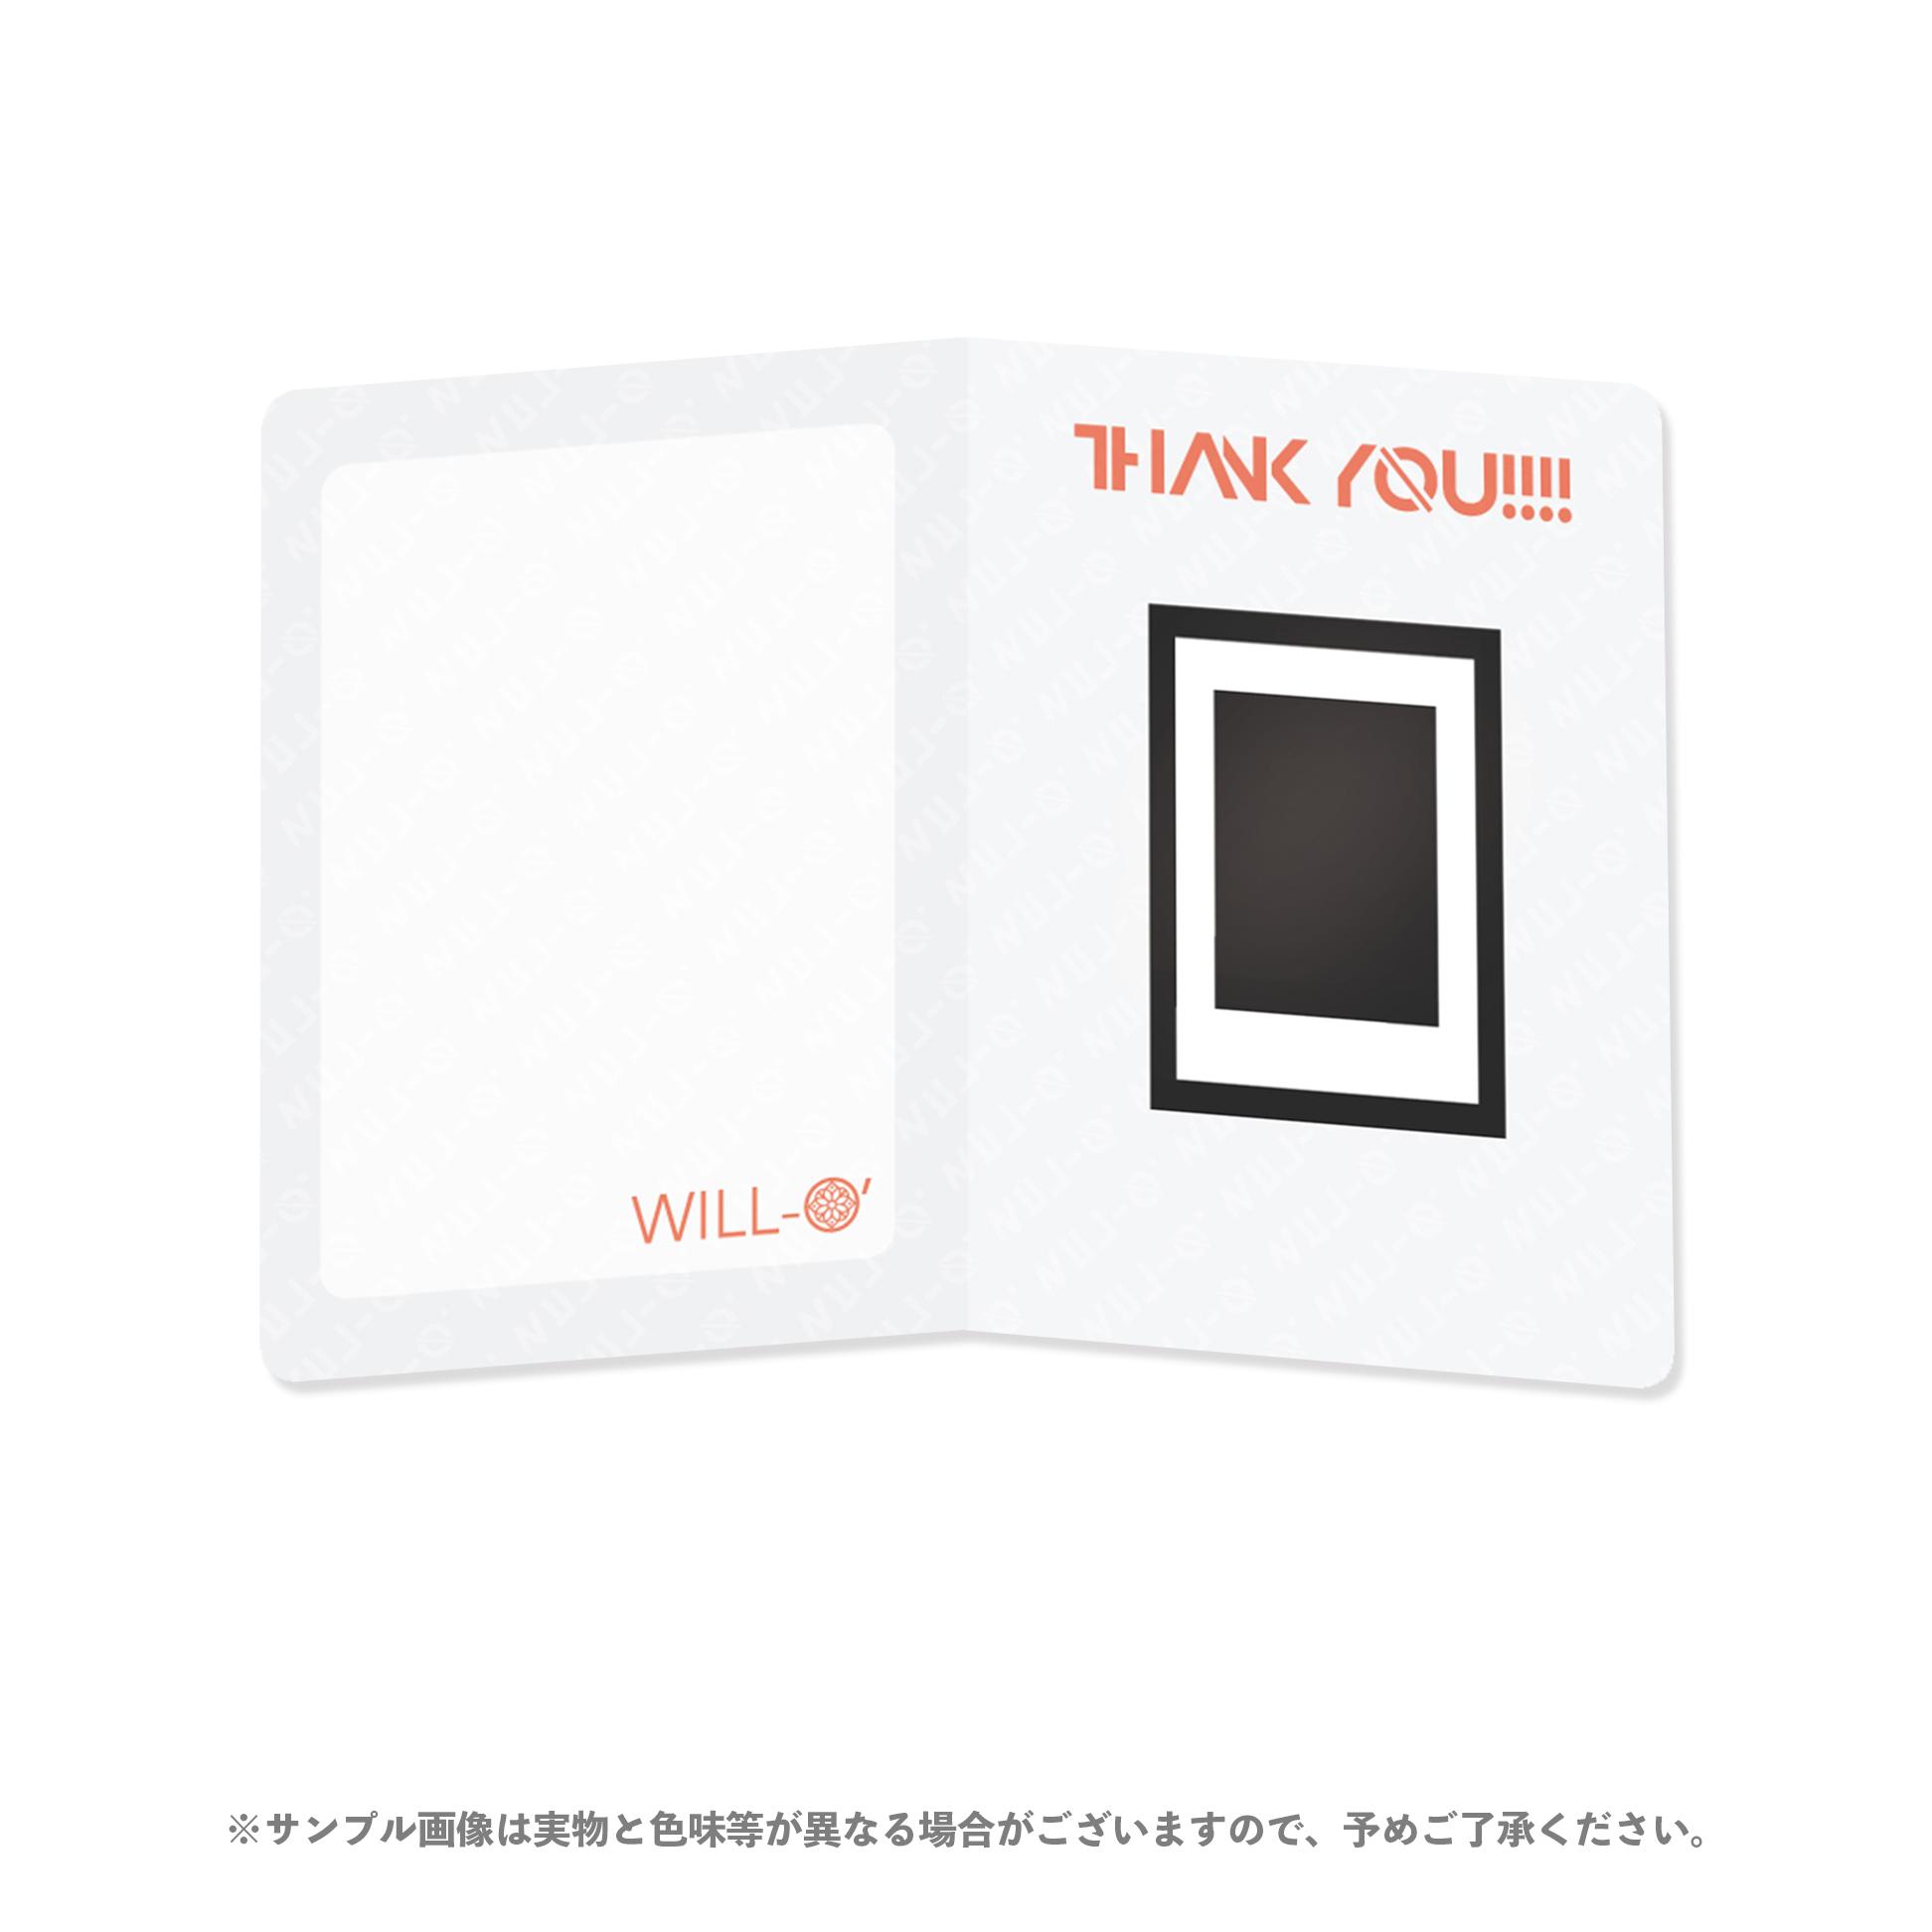 【佐伯つみき】FC限定/特製カードボードつきソロチェキ(賀正)